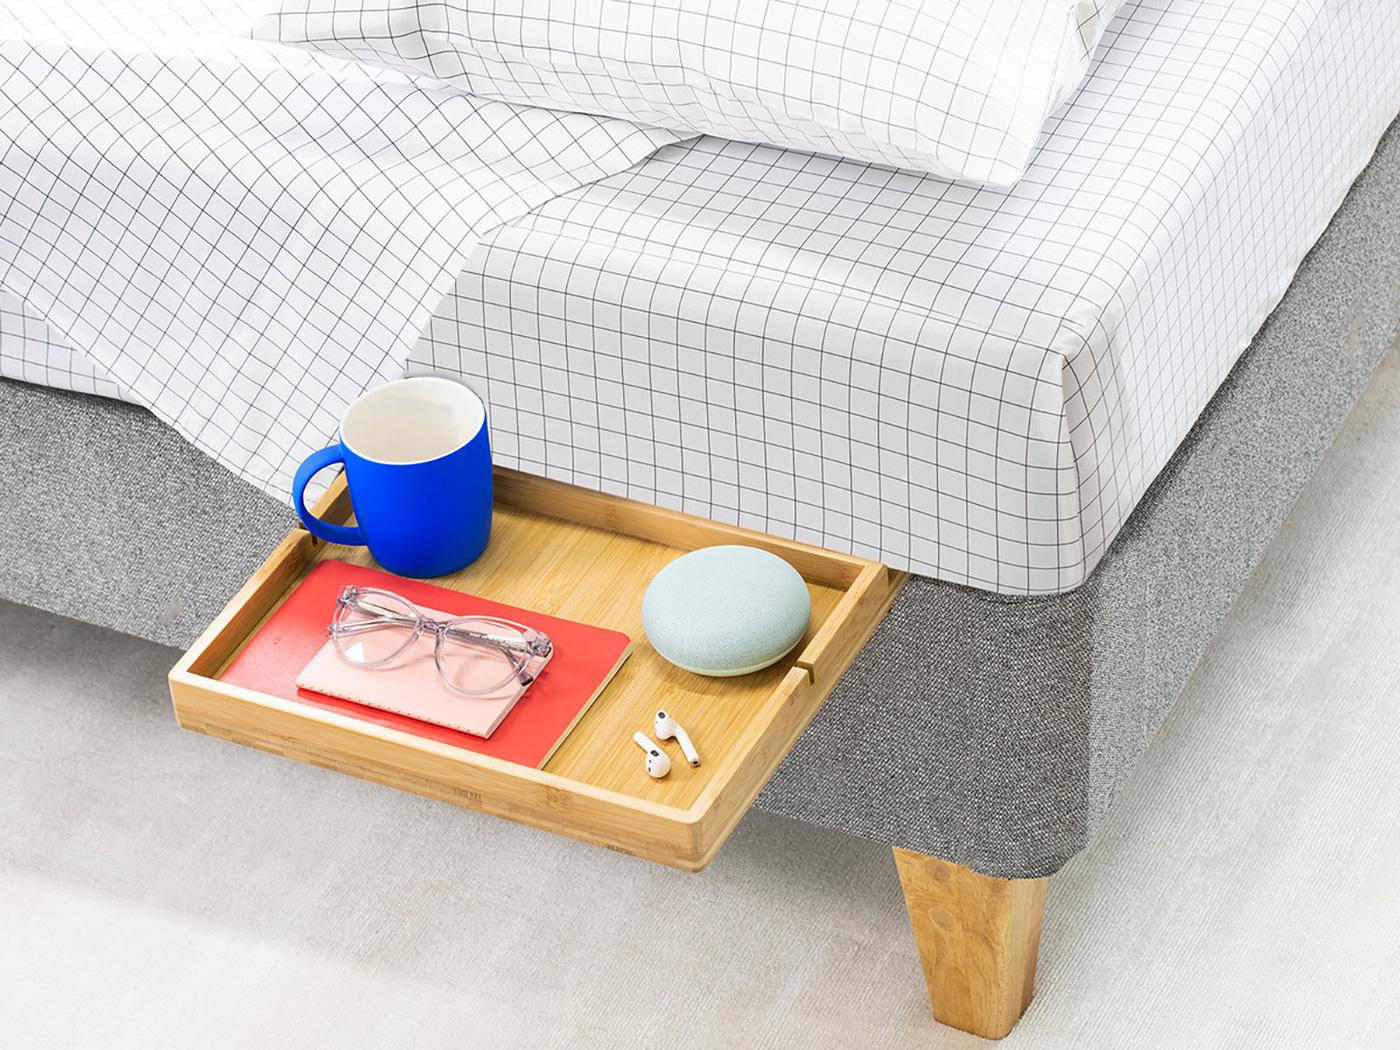 Chỉ cần kê thêm dụng cụ này, phòng ngủ nhỏ hẹp sẽ biến hóa trong tích tắc - Ảnh 2